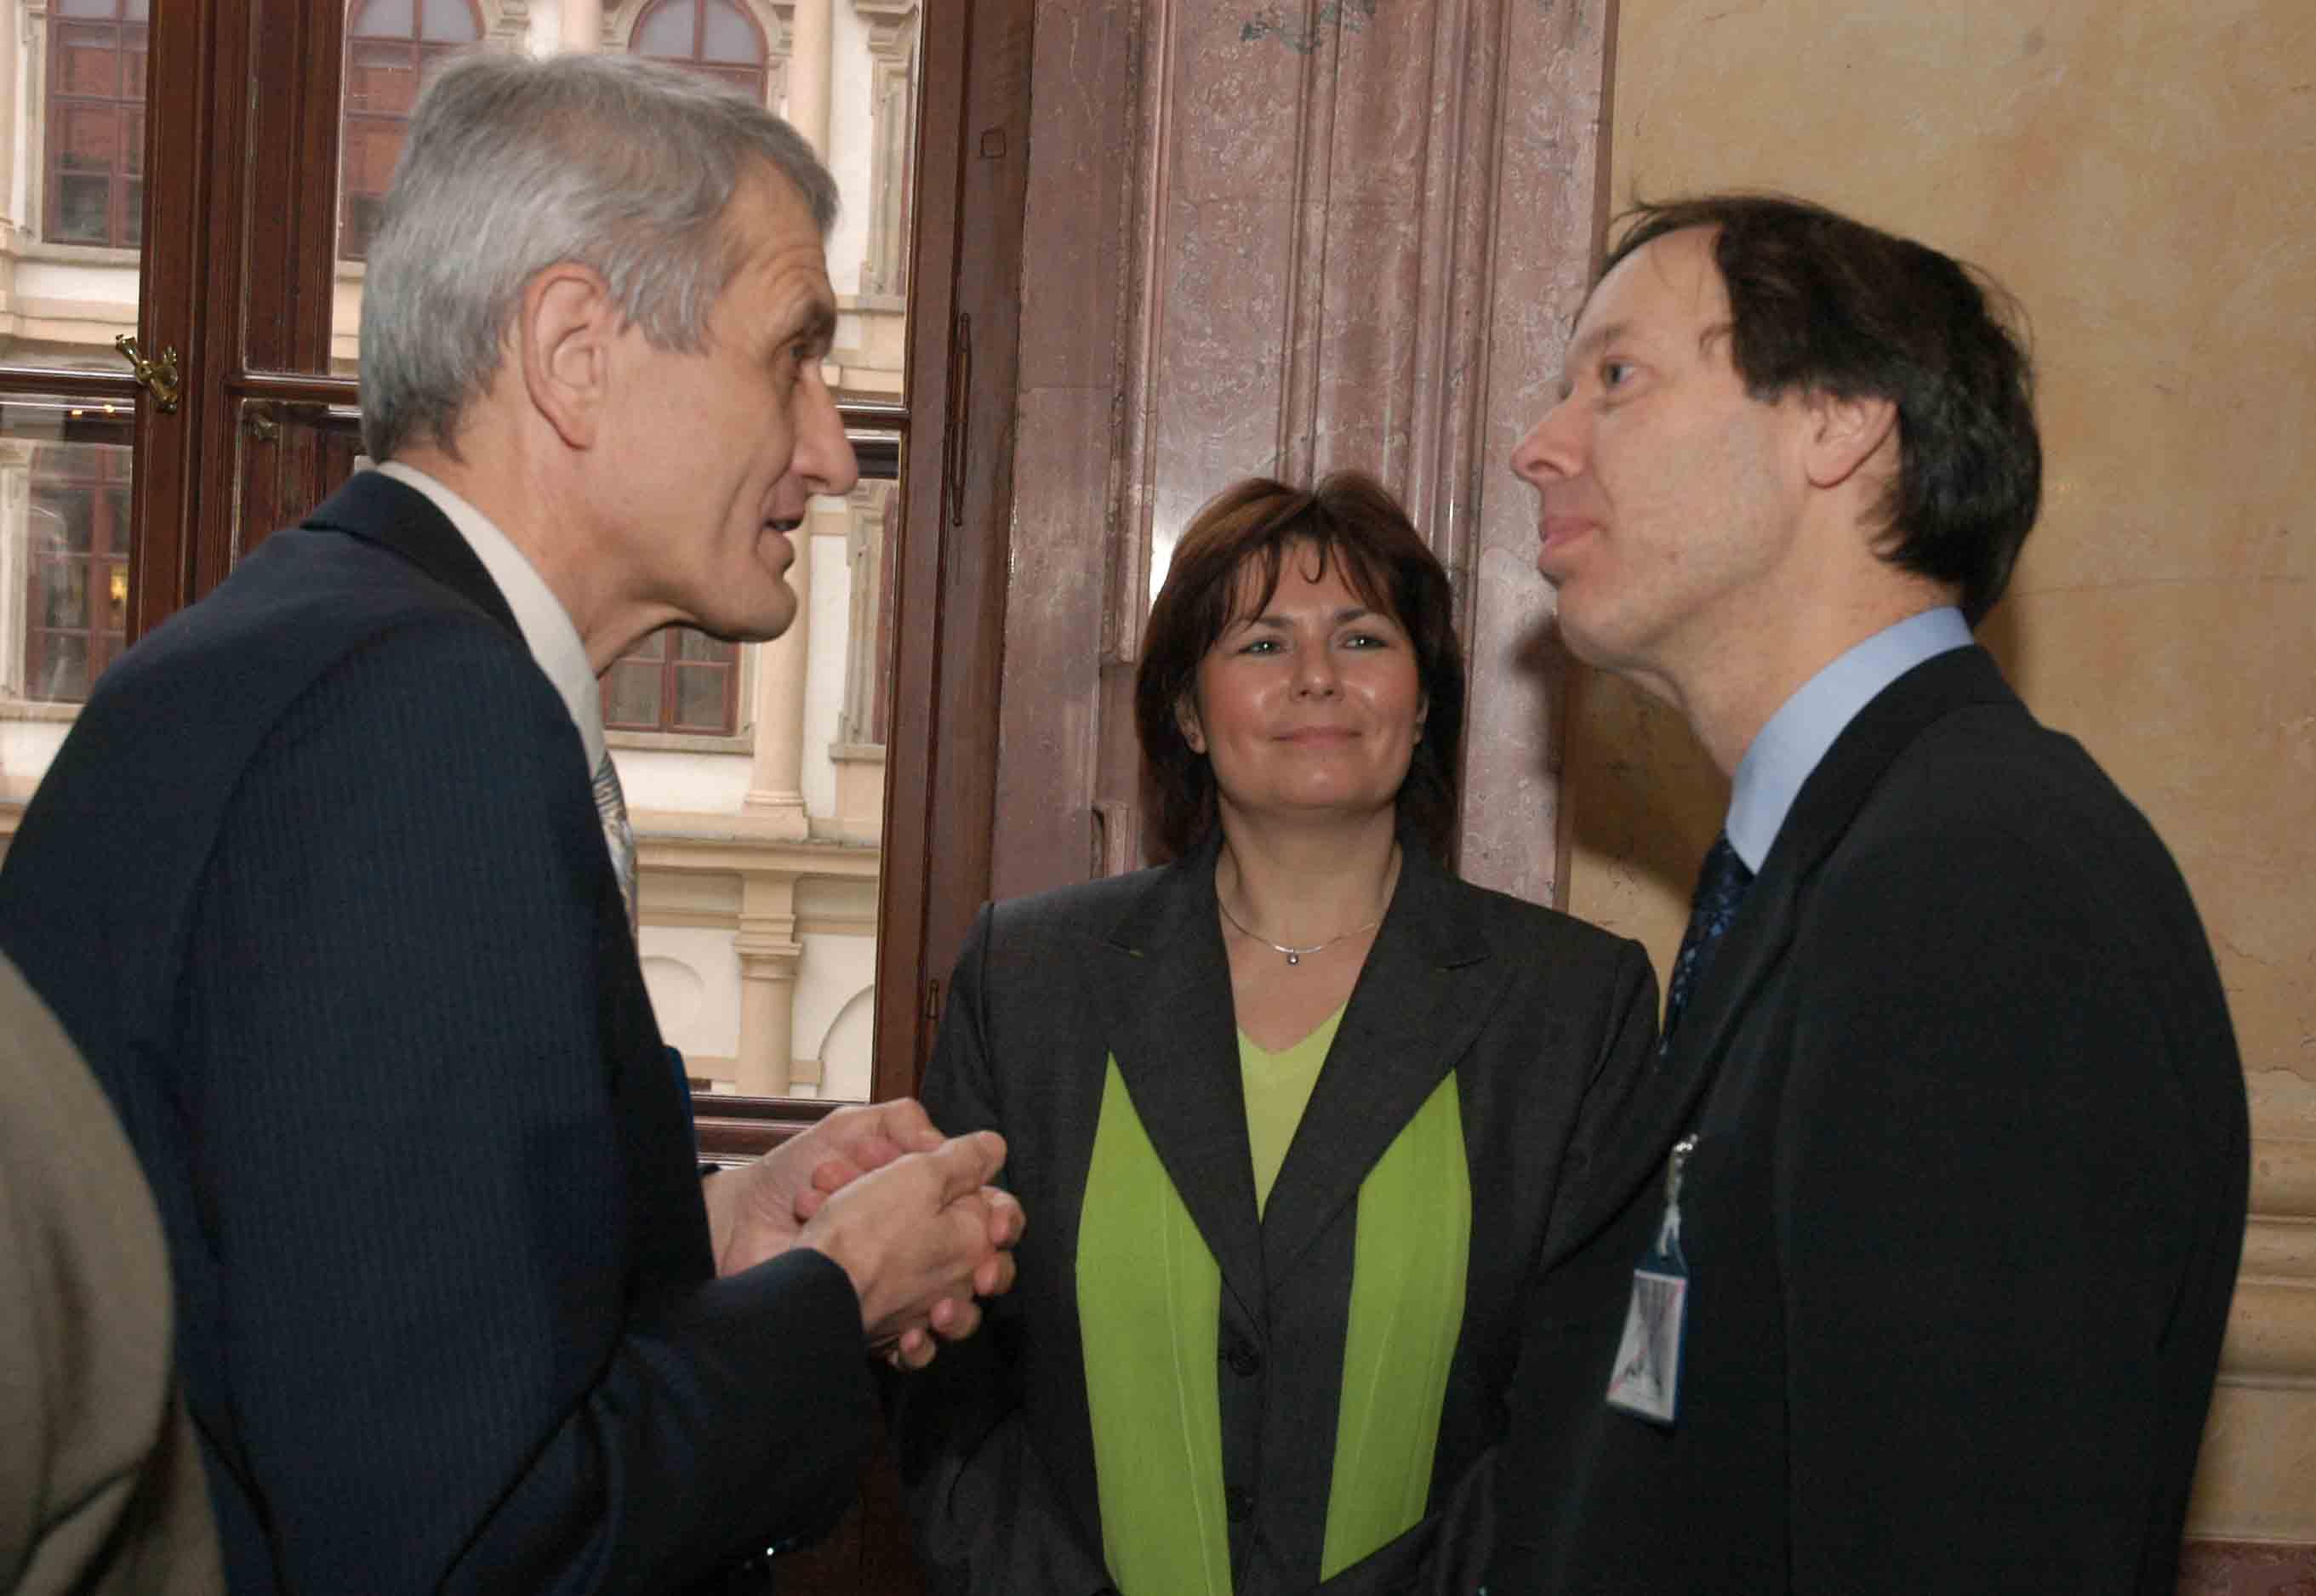 Parlamentní seminář o reformě psychiatrie s evropským koordinátorem WHO Mattem Muijenem a ředitelkou WHO ČR Alenou Šteflovou, Praha 2007